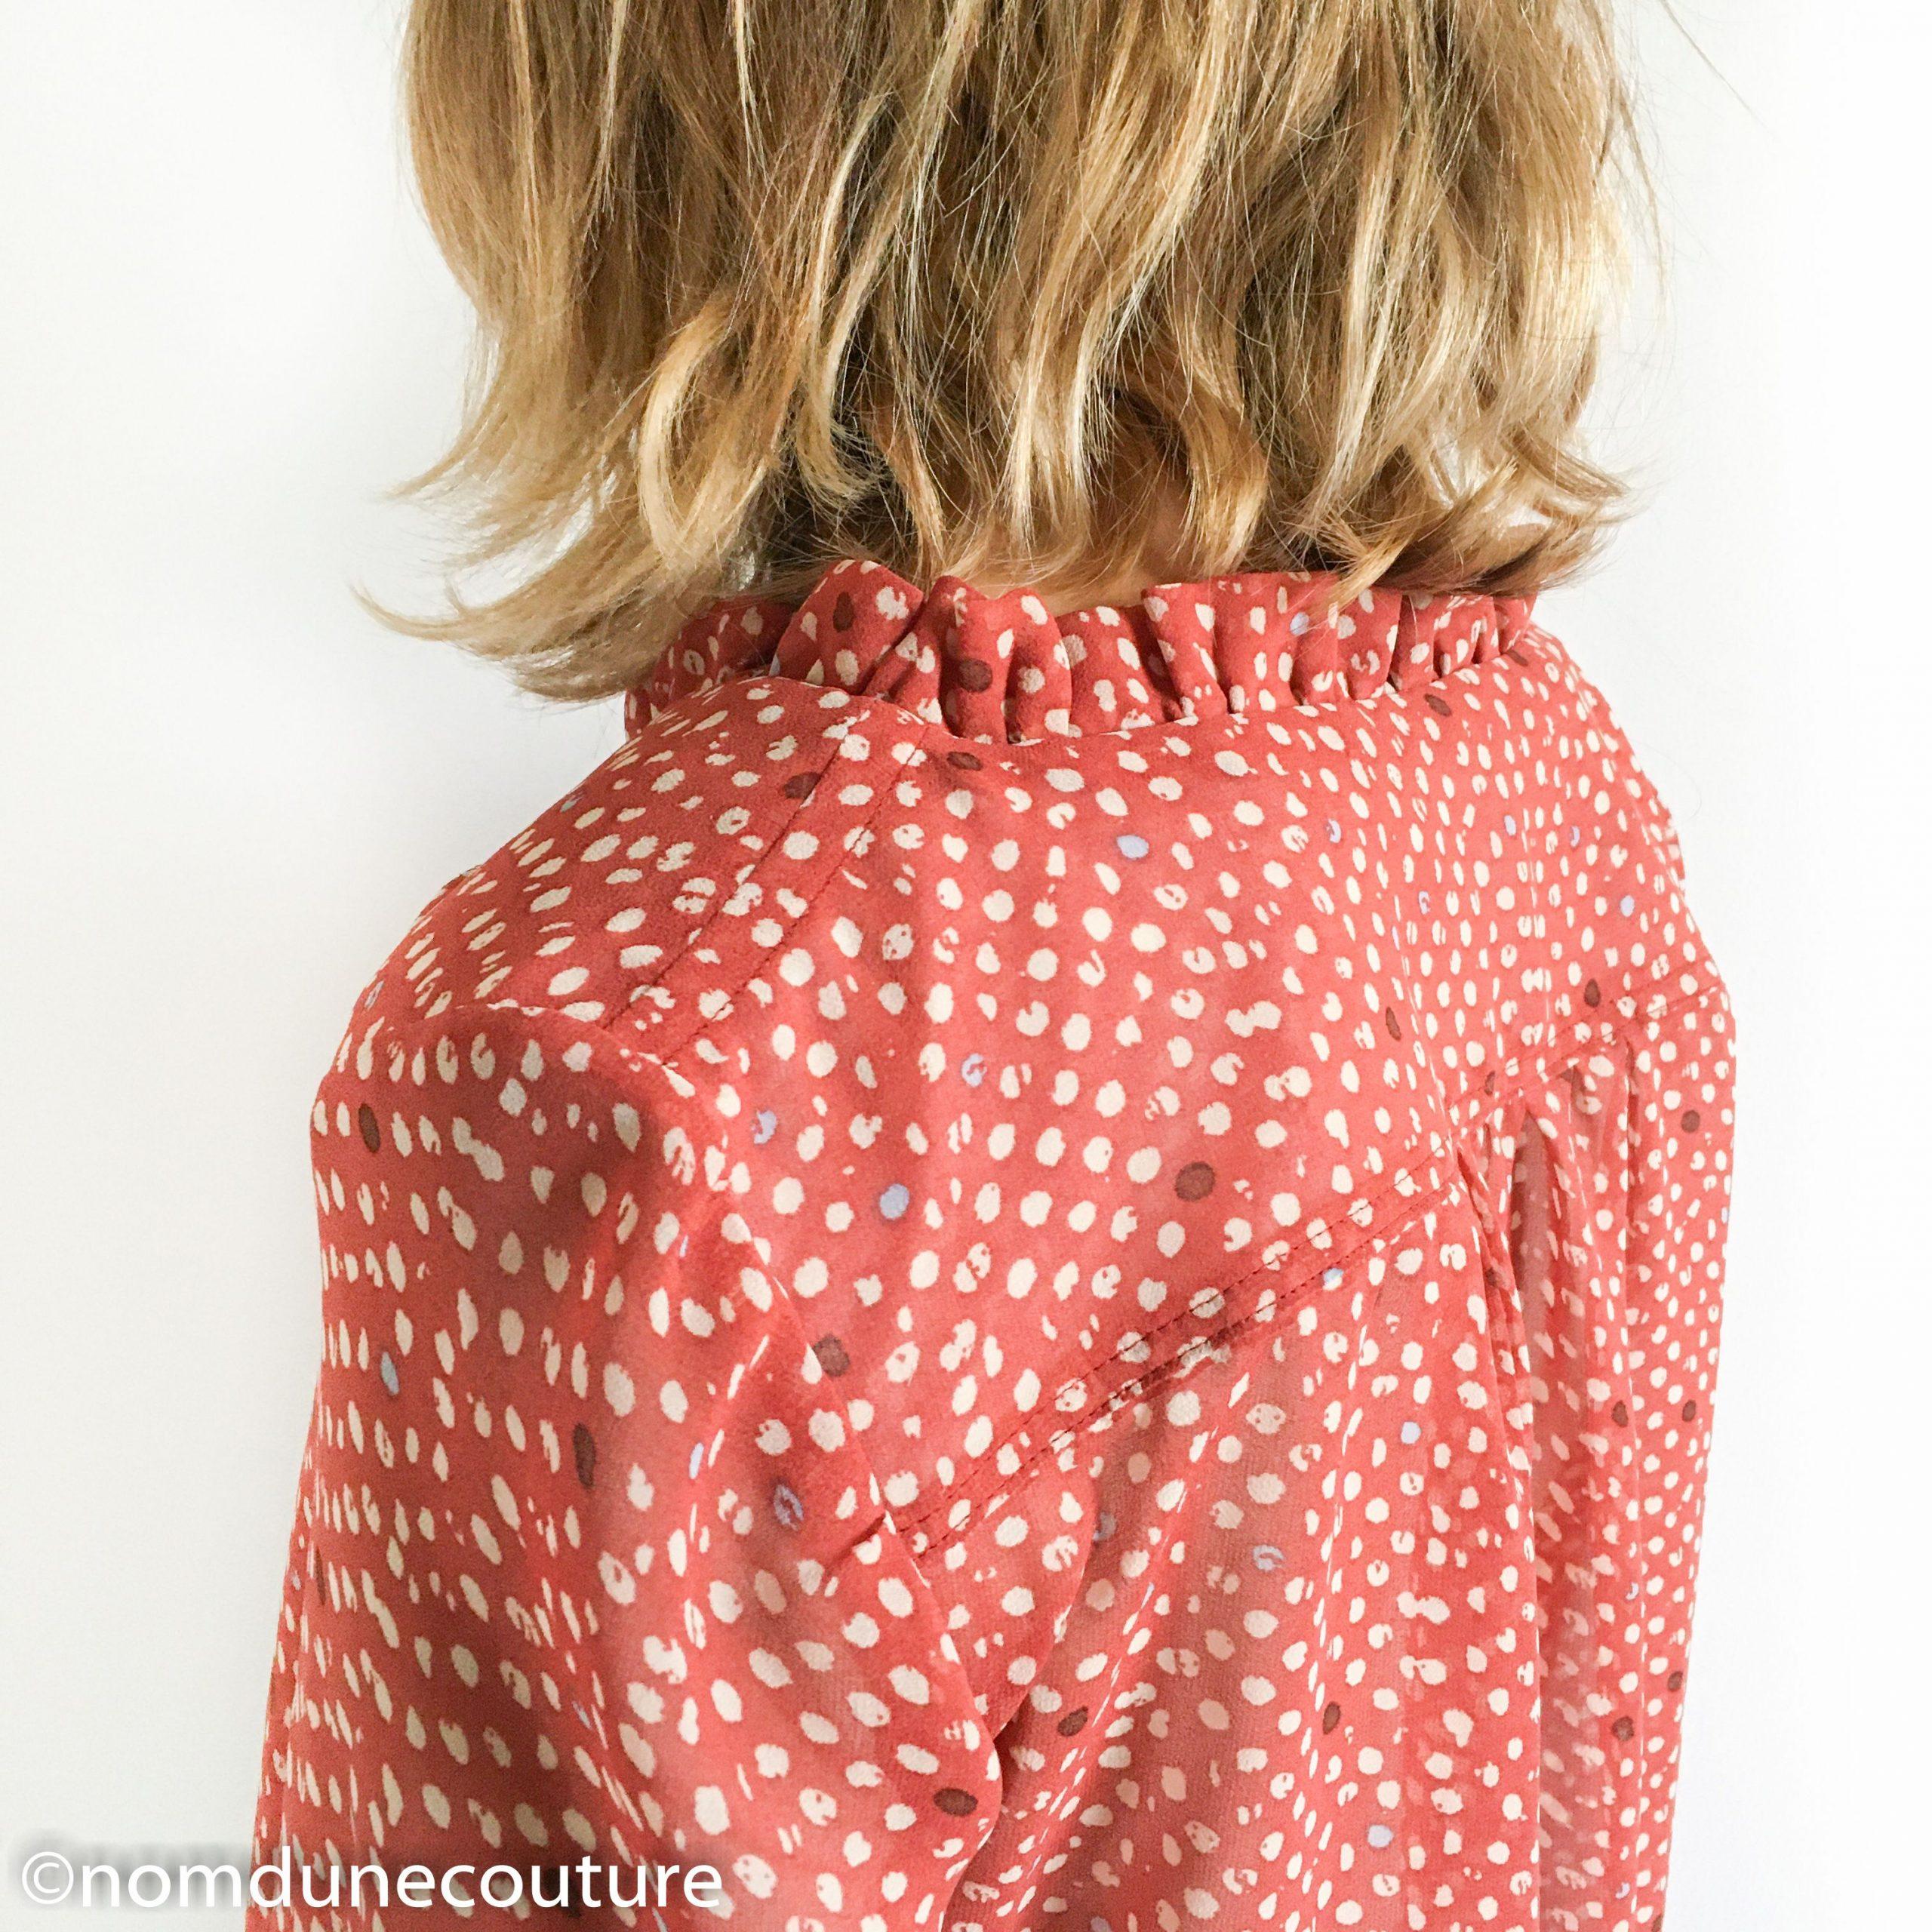 détail blouse wendy sophie denys